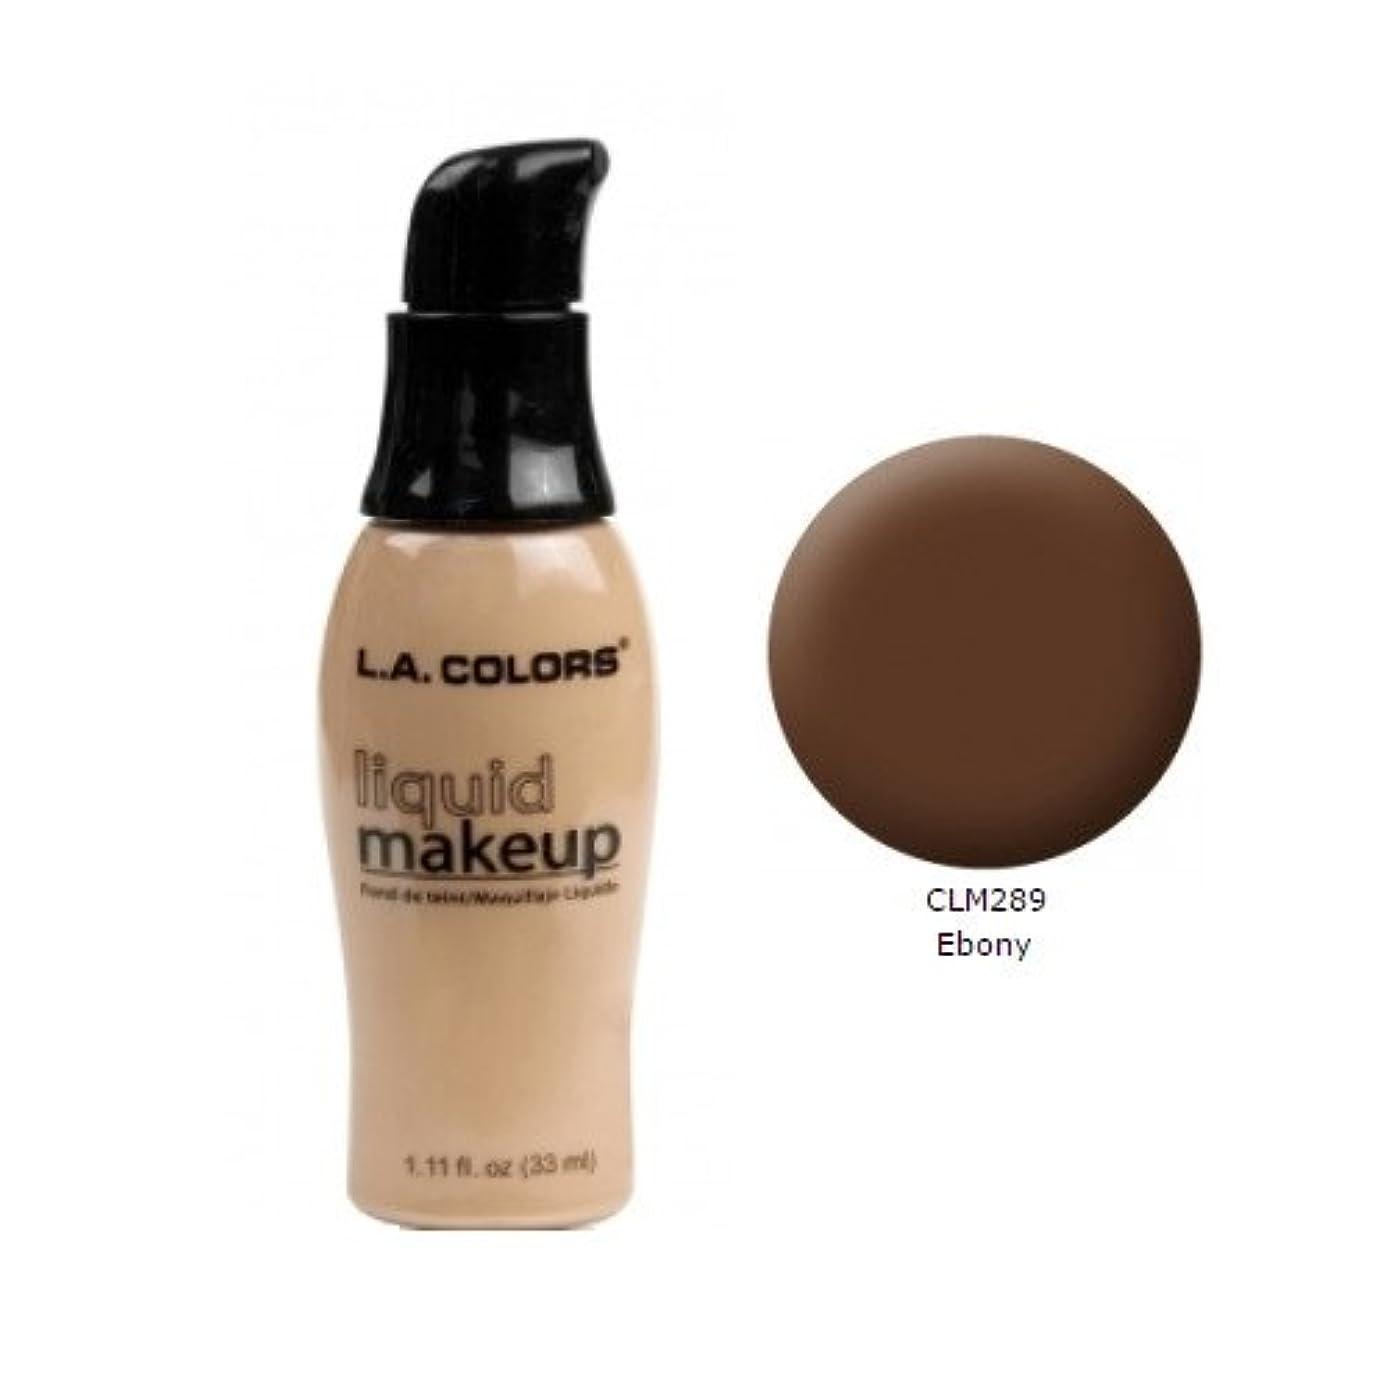 意識列挙する間違っている(3 Pack) LA COLORS Liquid Makeup - Ebony (並行輸入品)